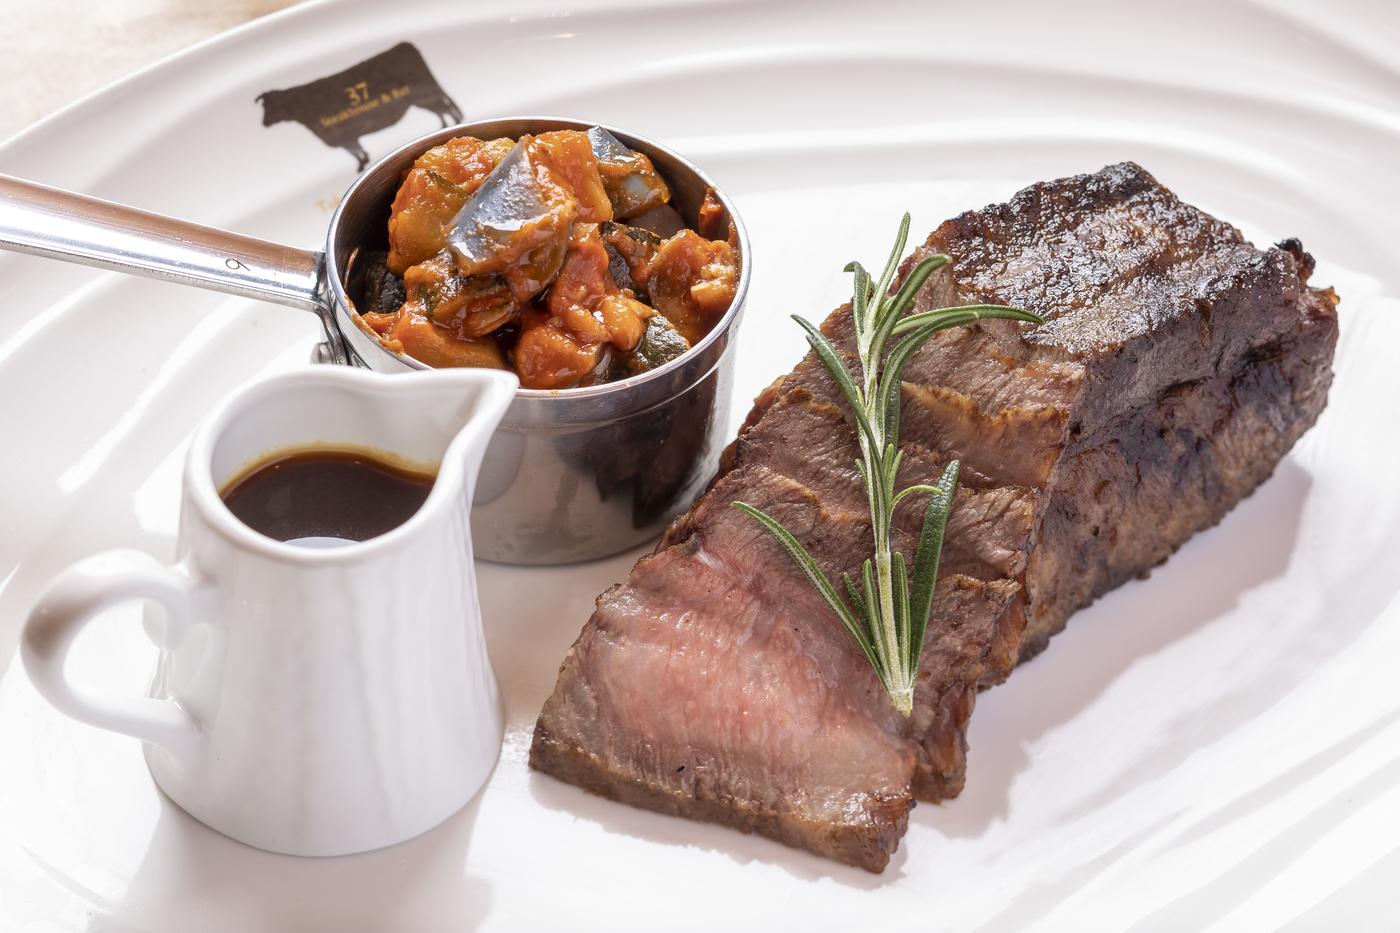 new restaurants in Hong Kong 2019 37 Steakhouse & bar